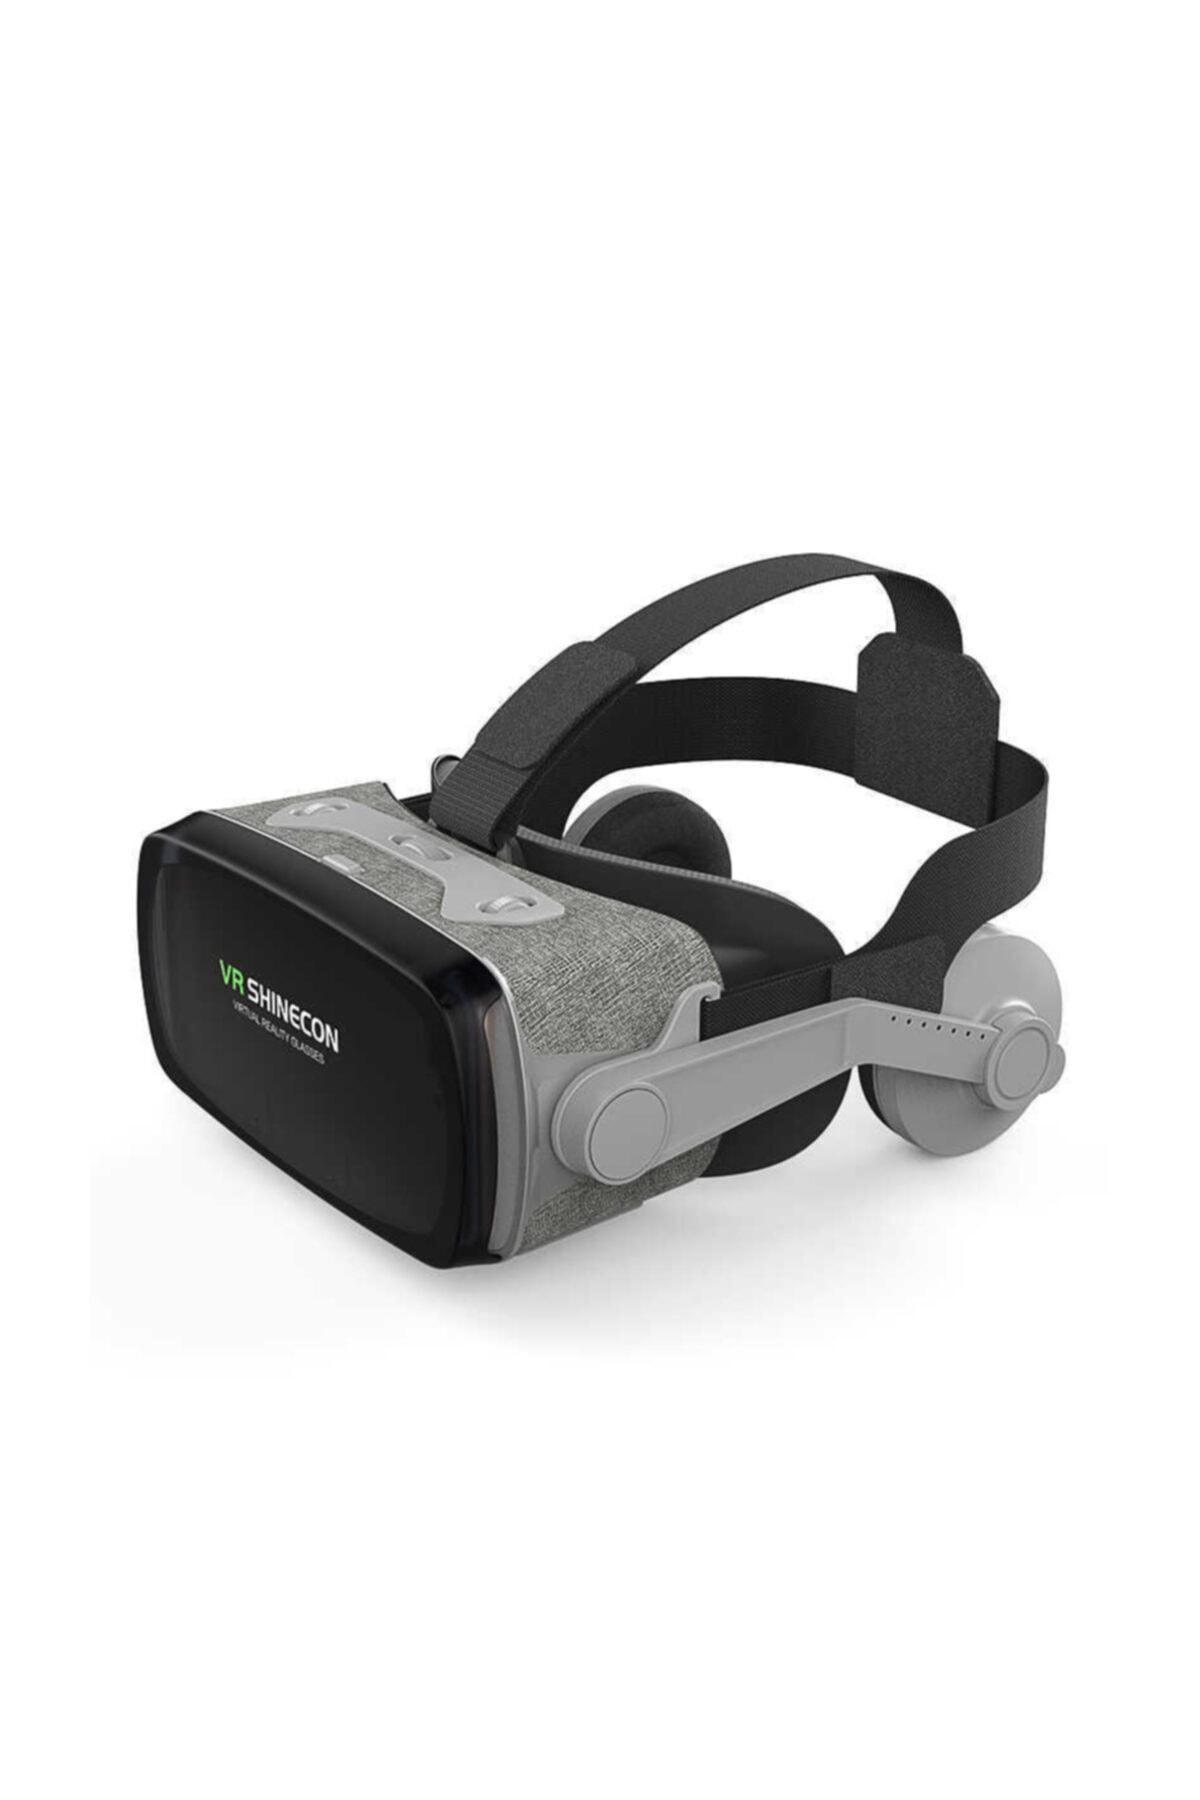 VR Shinecon 3d Sanal Gerçeklik Gözlüğü 720° Gri 1